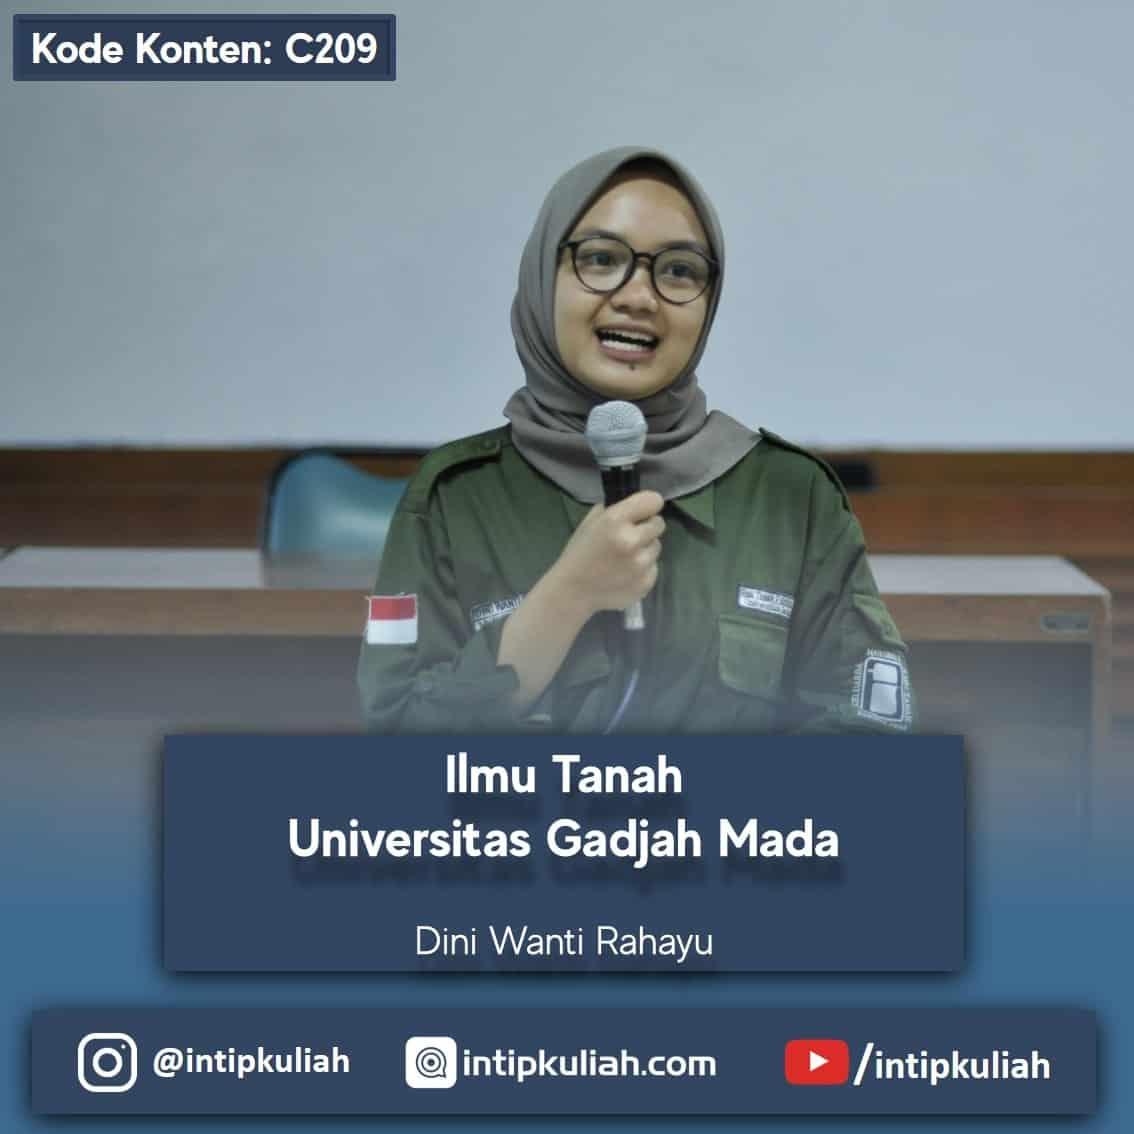 Ilmu Tanah Universitas Gadjah Mada (Dini)